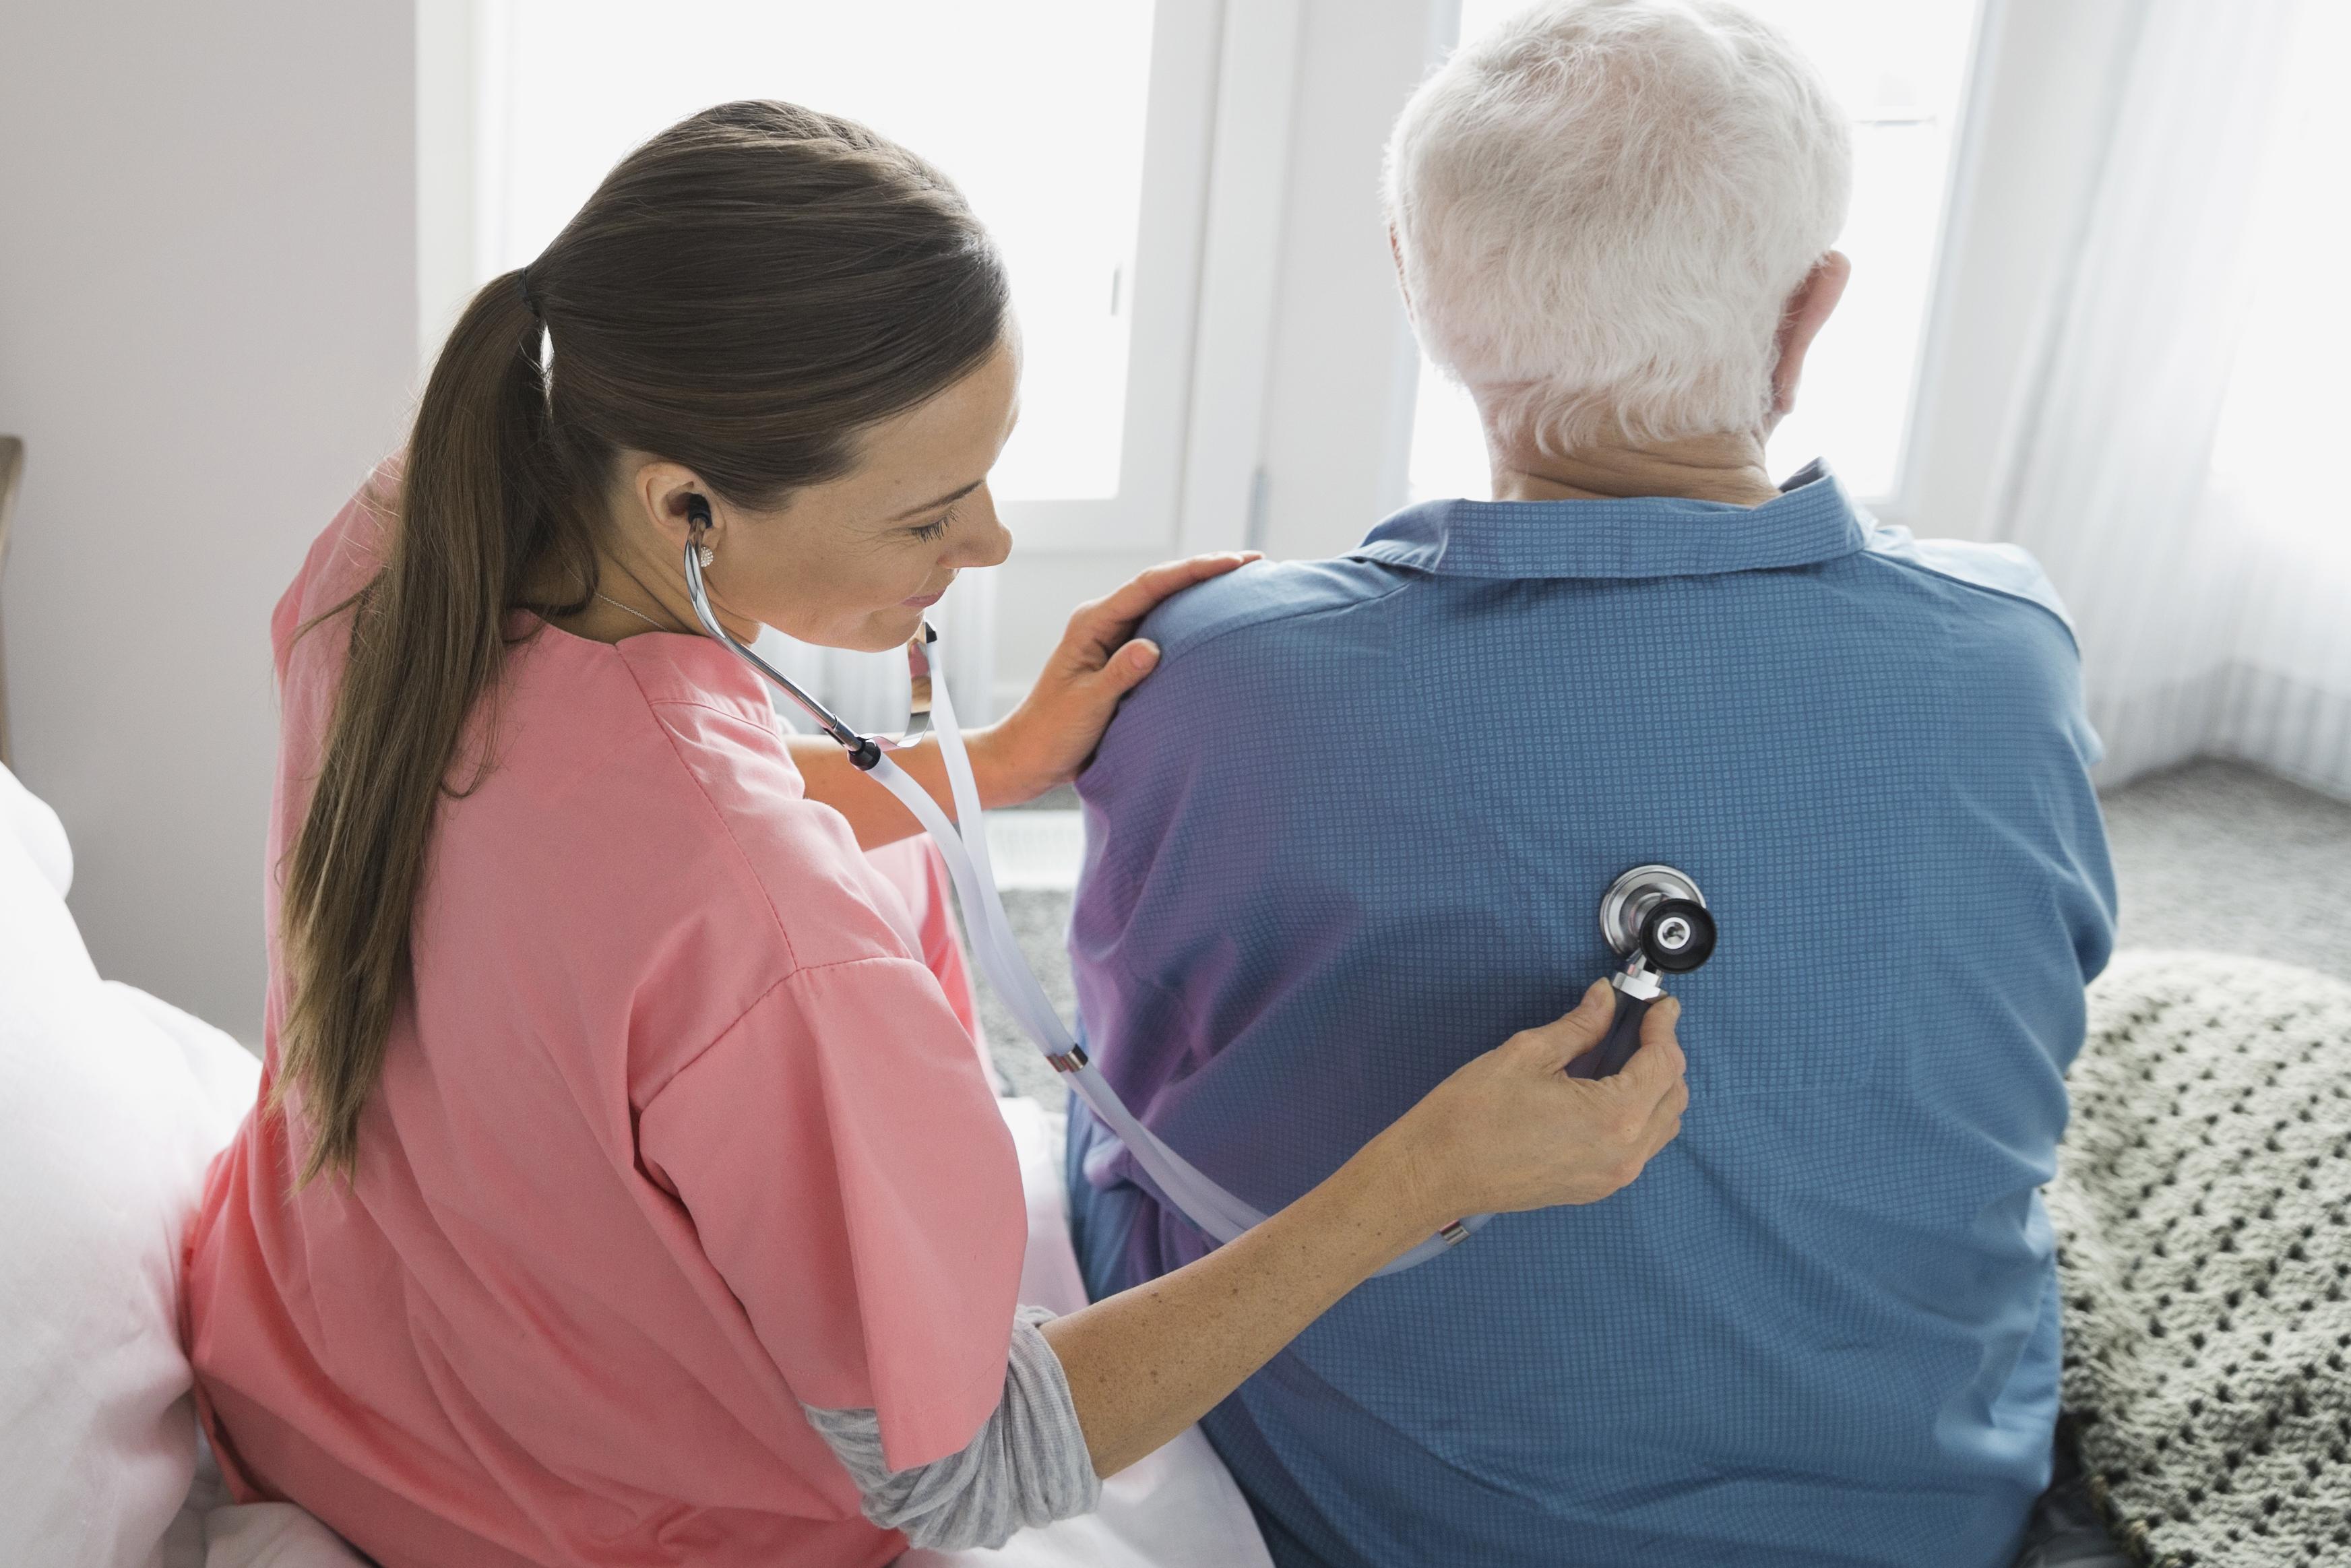 Serviços médicos não estão sujeitos à retenção na fonte